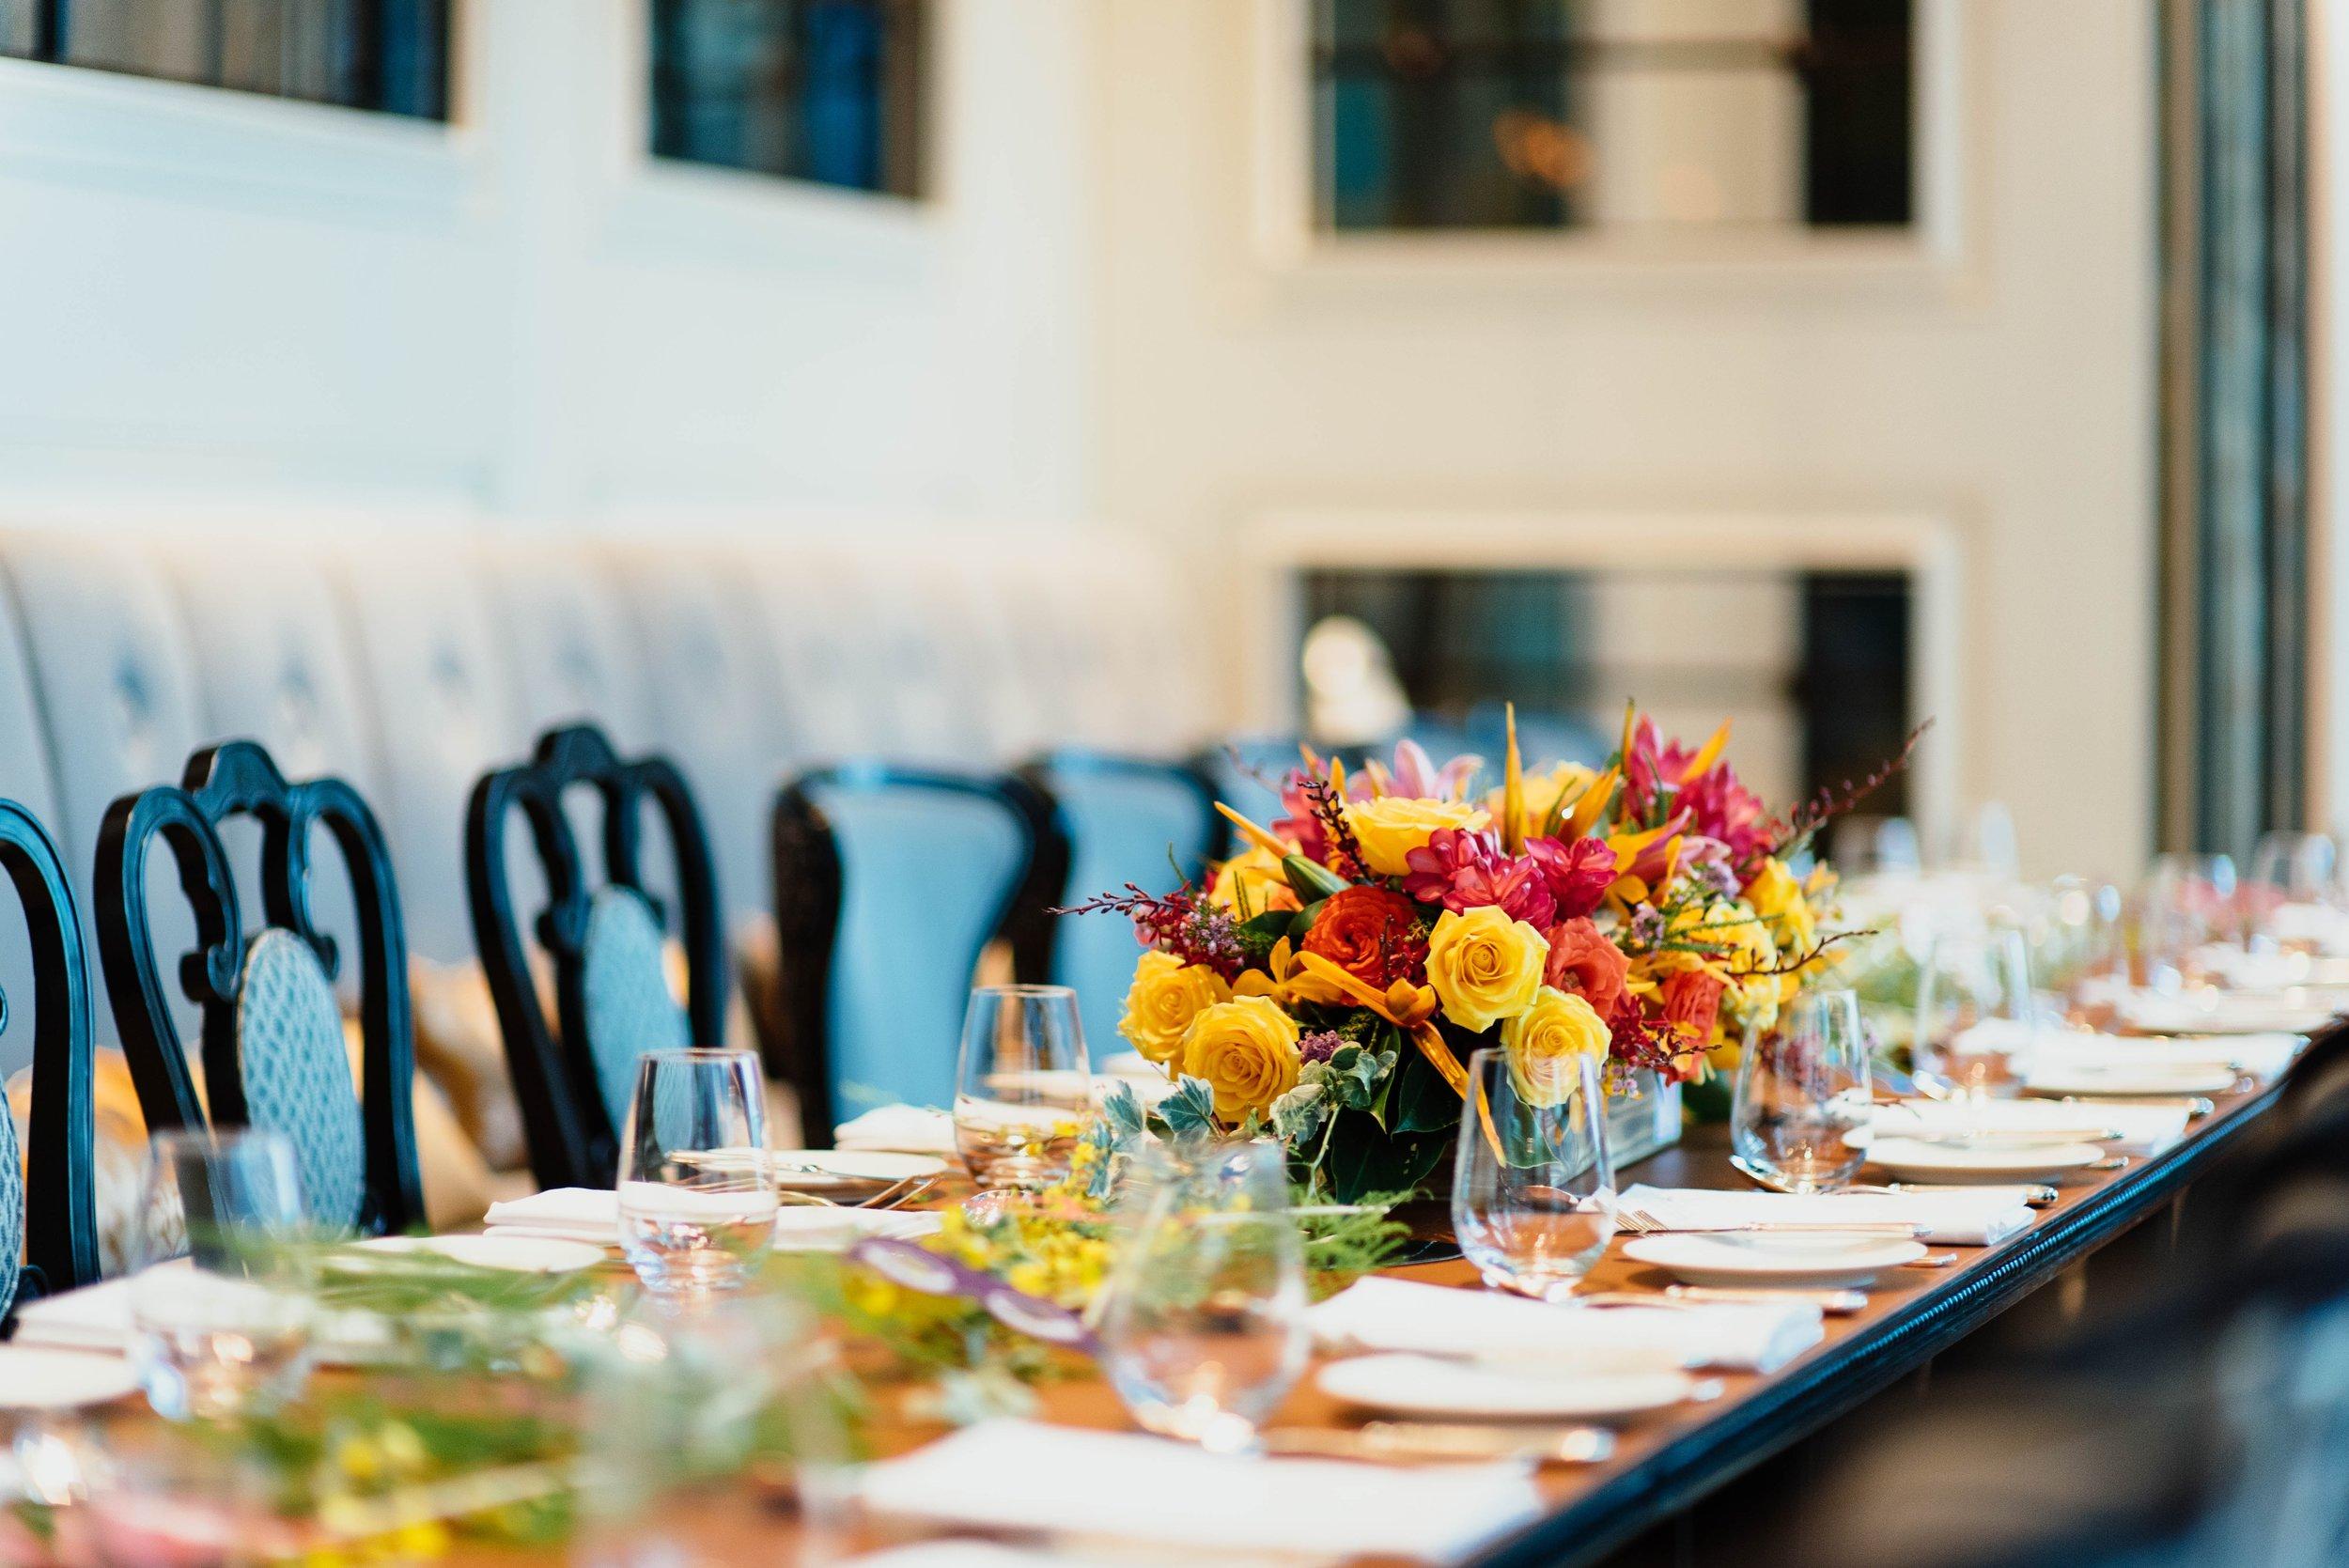 luxury-private-events-a2d-travel-concierge-boutique.jpg